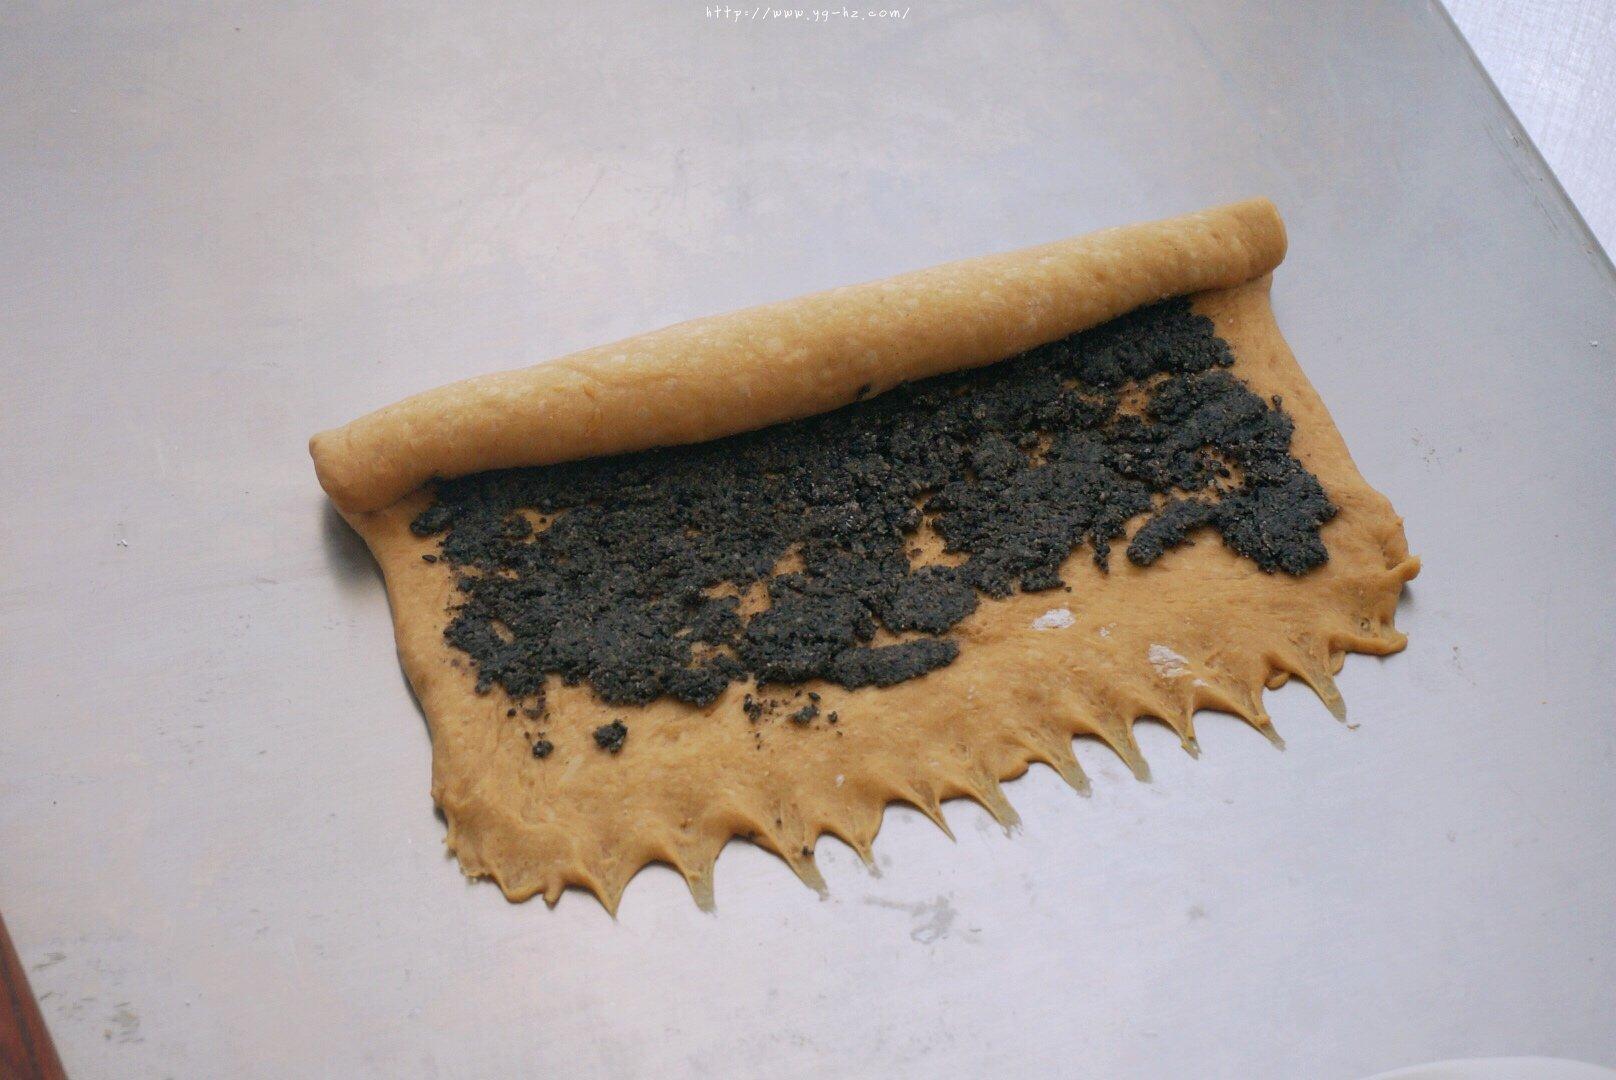 养生黑芝麻红糖全麦fafa软欧面包(波兰种)的做法 步骤14